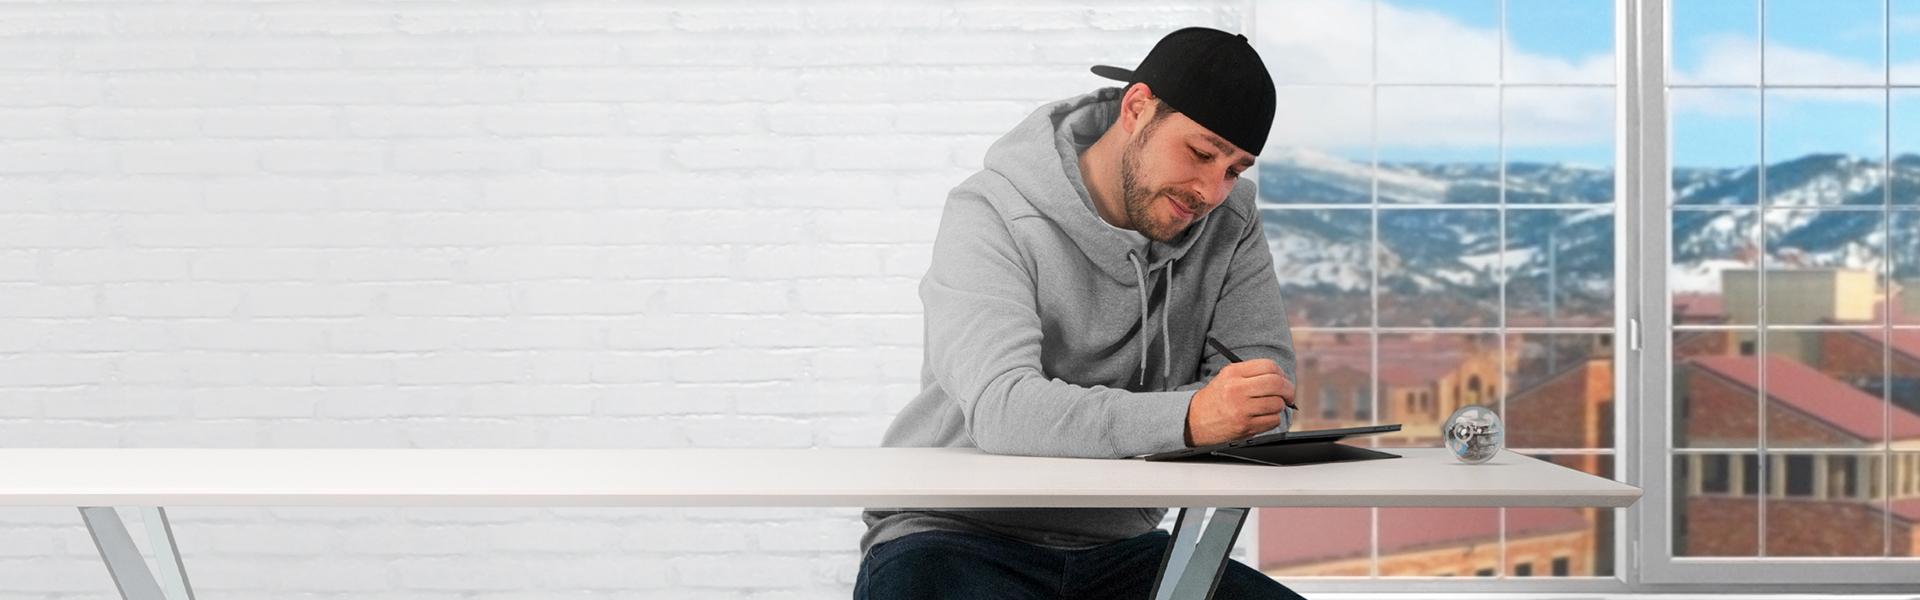 Uśmiechnięty mężczyzna pracujący przy biurku na tablecie Surface.